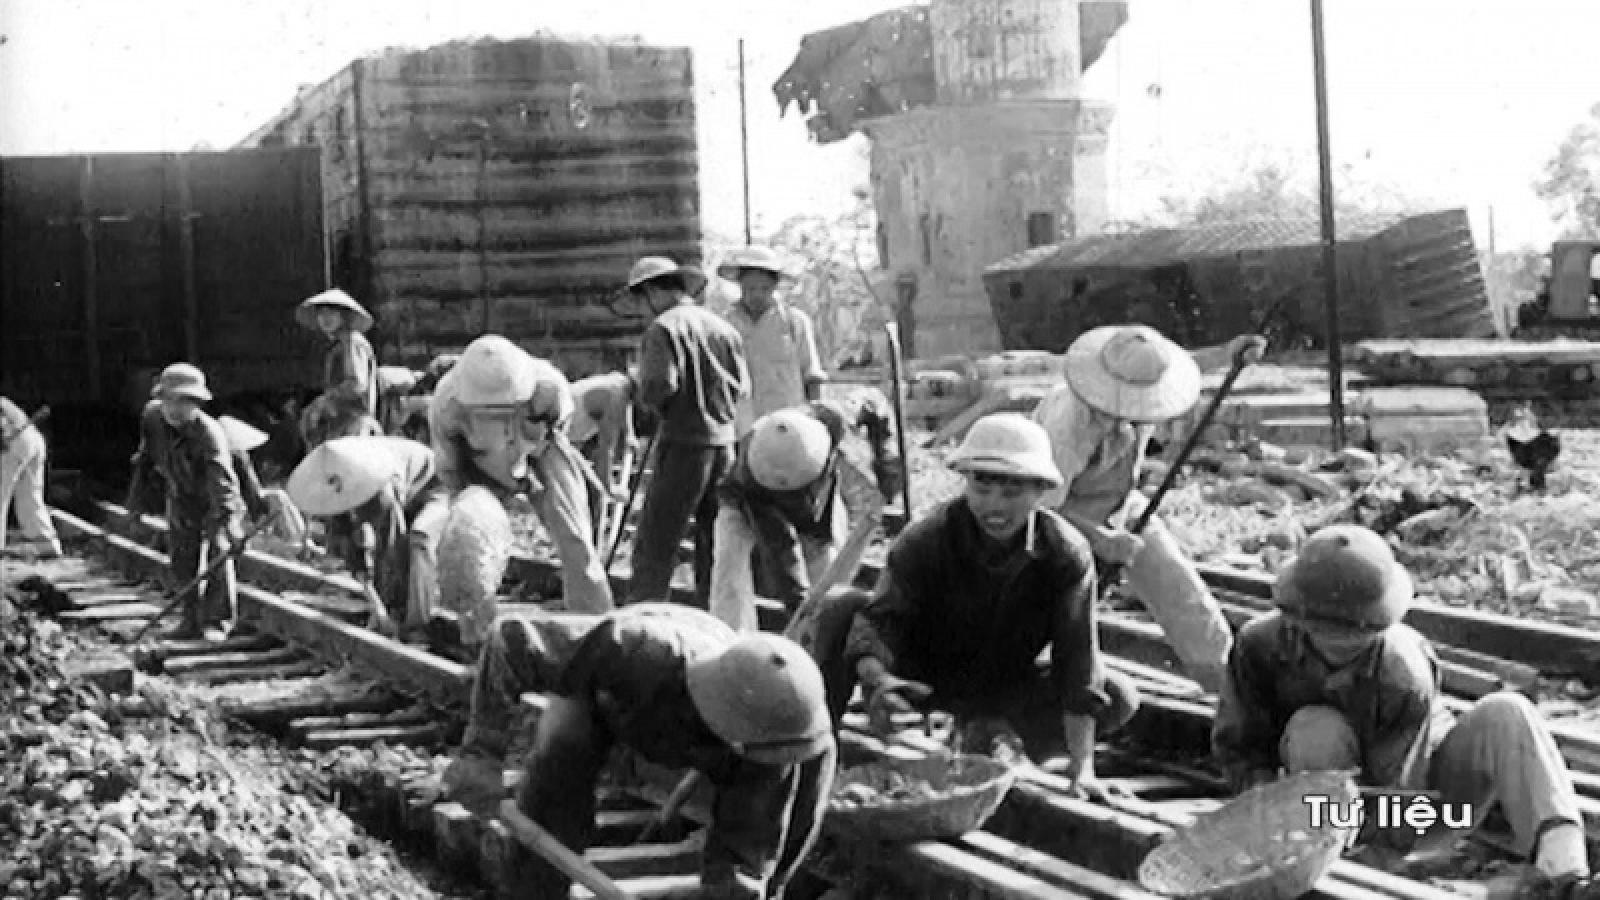 60 TNXP Đại đội 915 cùng hy sinh: Khúc tráng ca bất tử giữa lòng thành phố thép